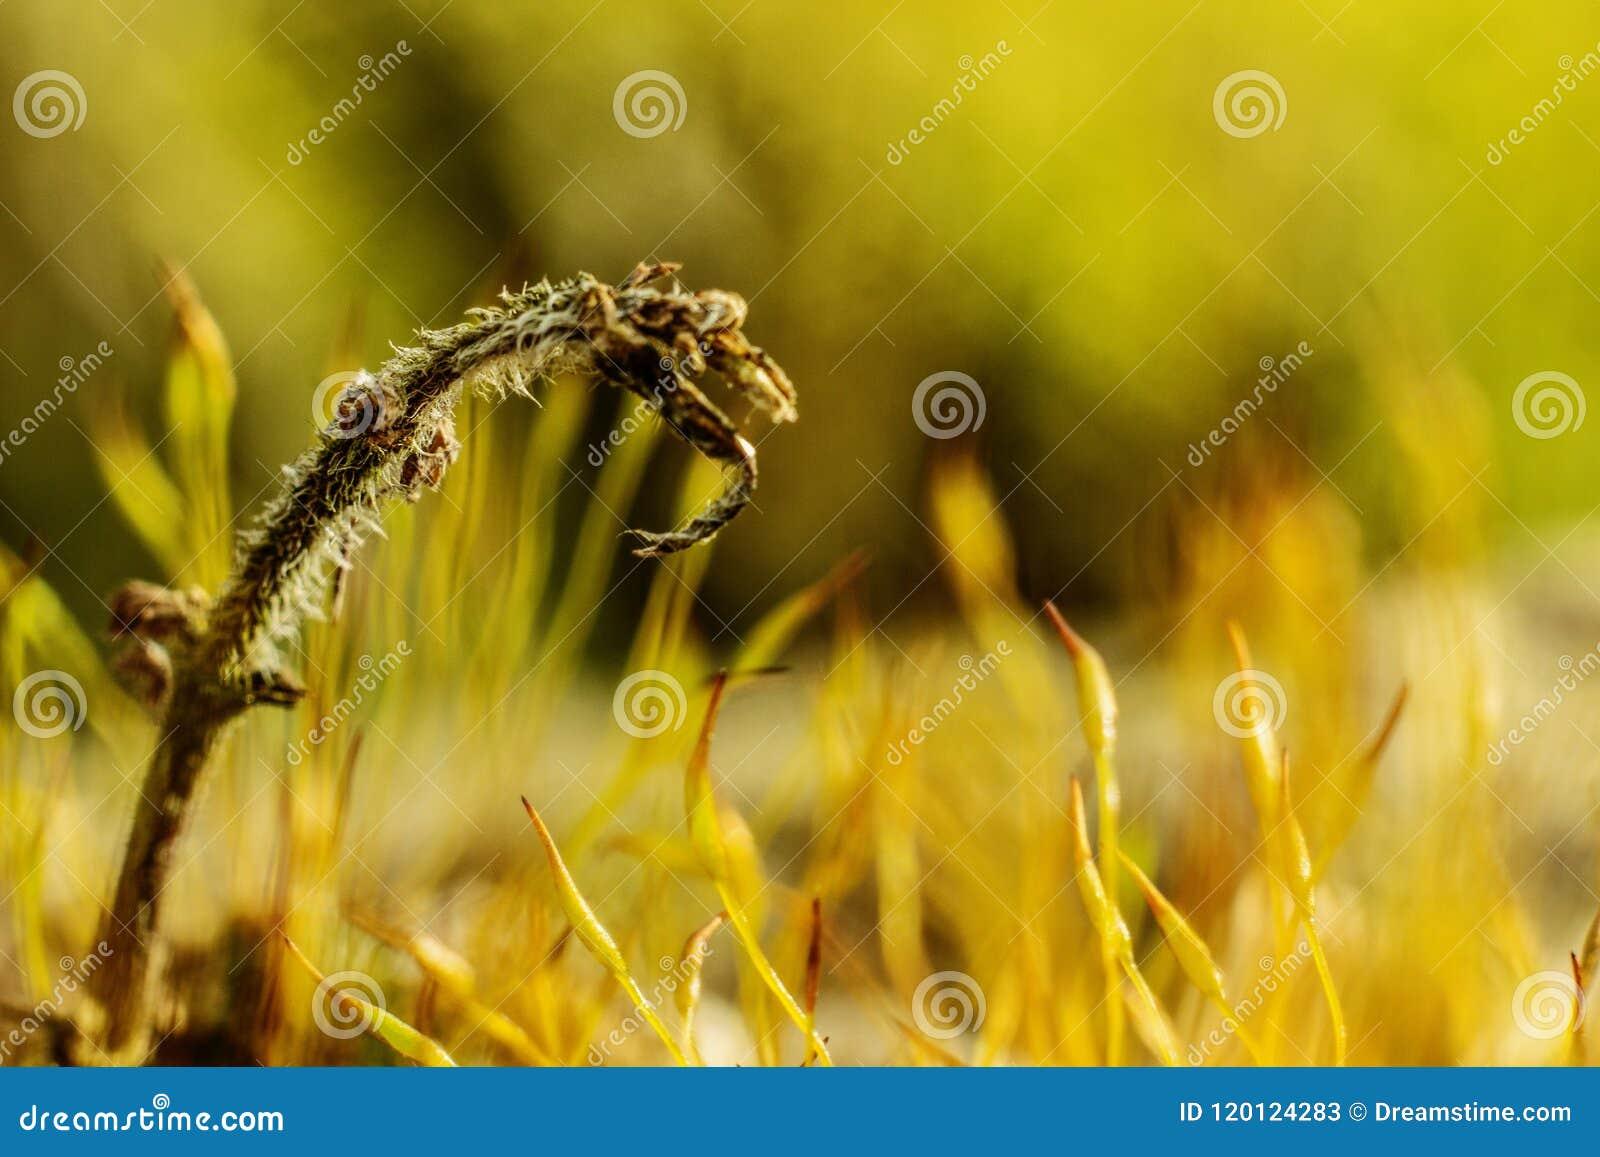 Field summer grass